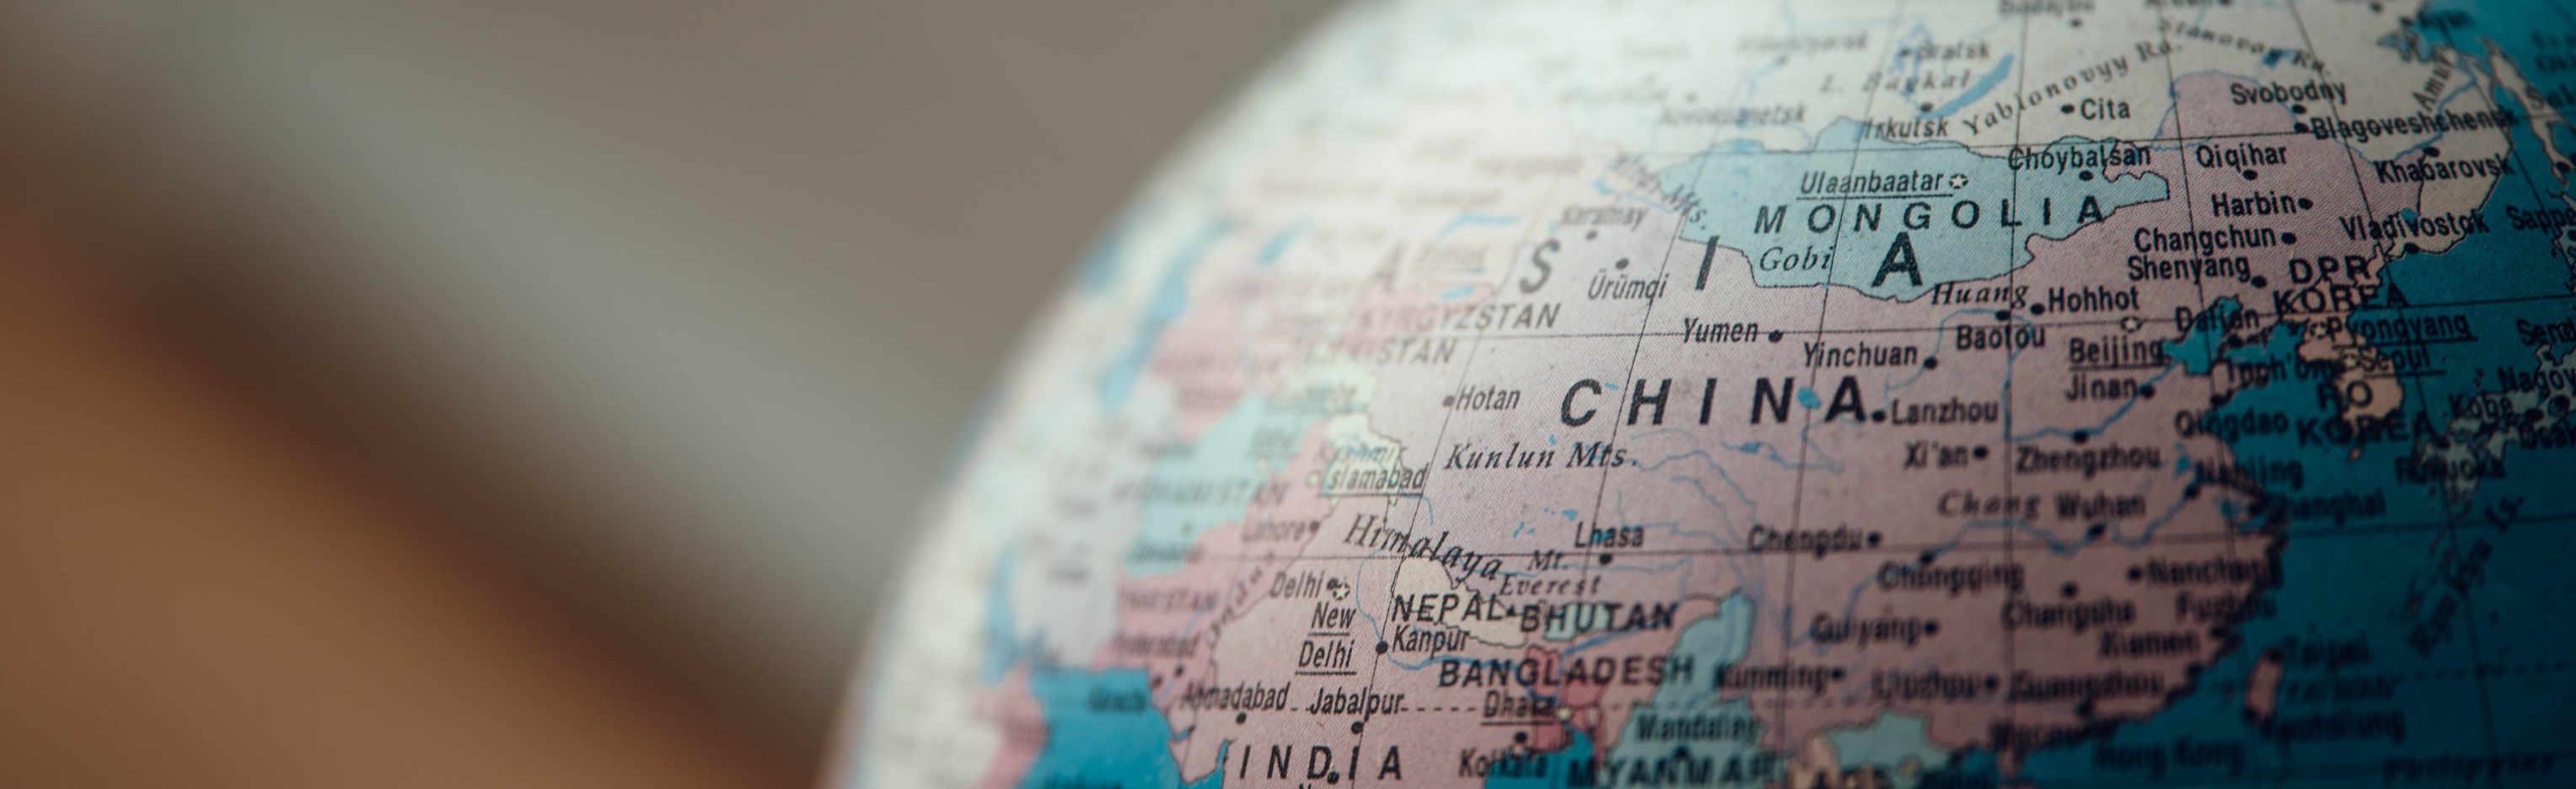 Chiny całkowicie blokują dostęp do Wikipedii